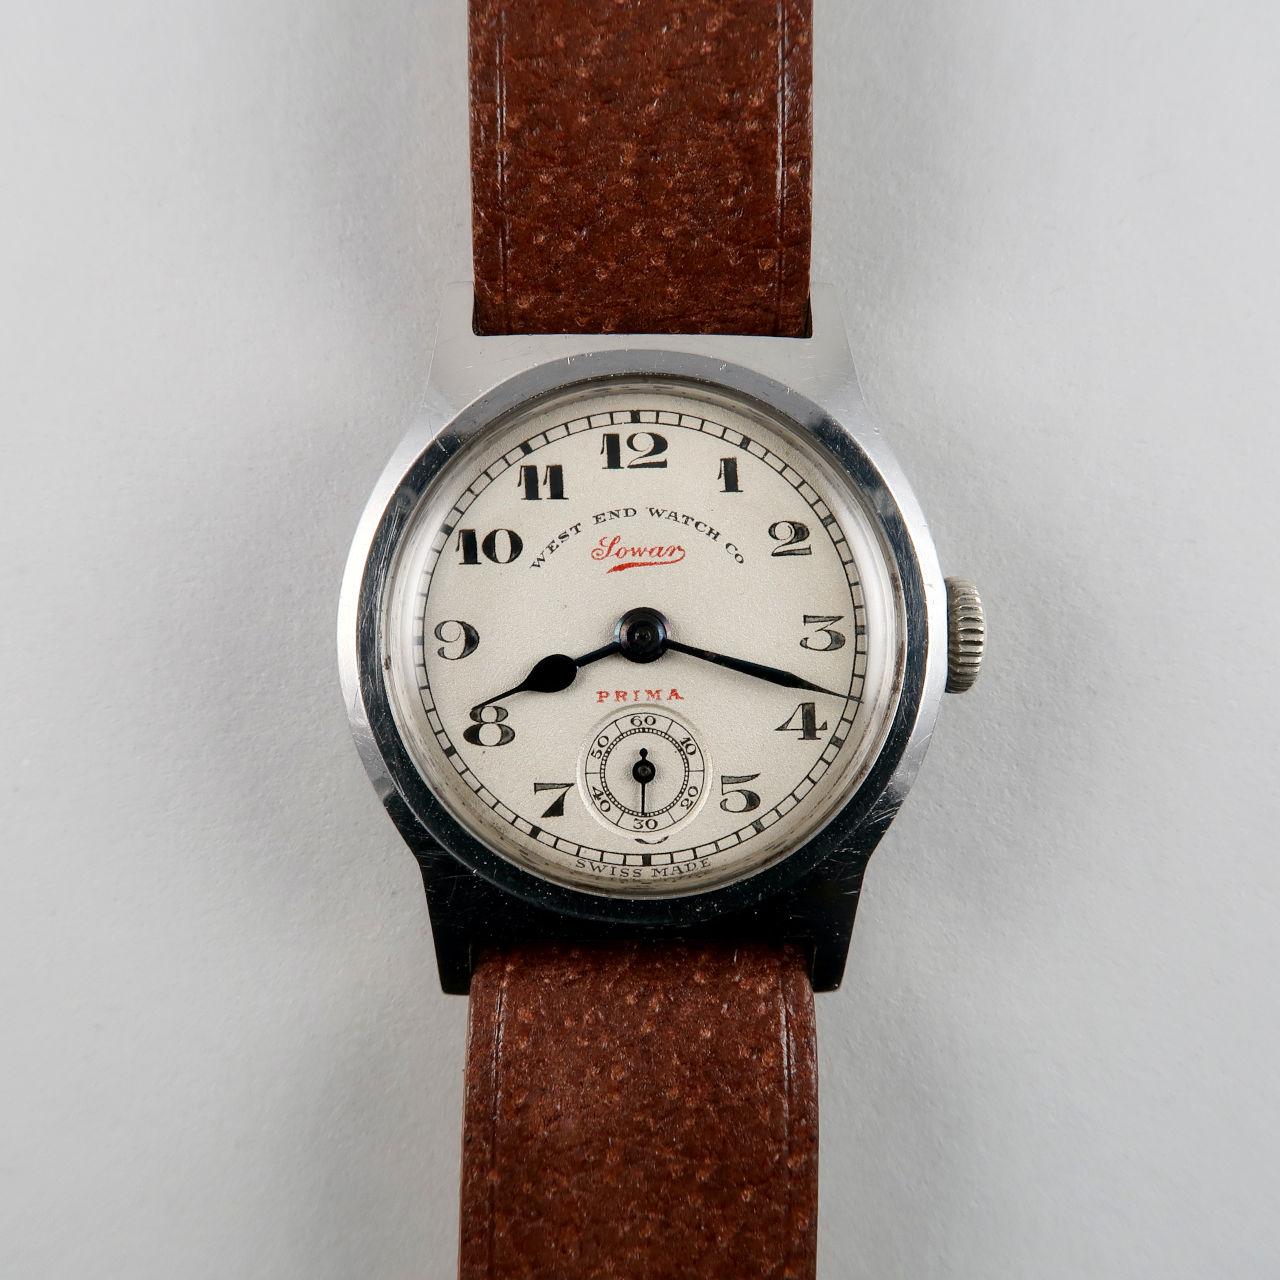 West End Watch Co with Taubert Fils Case circa 1940 | steel vintage hand wound wristwatch